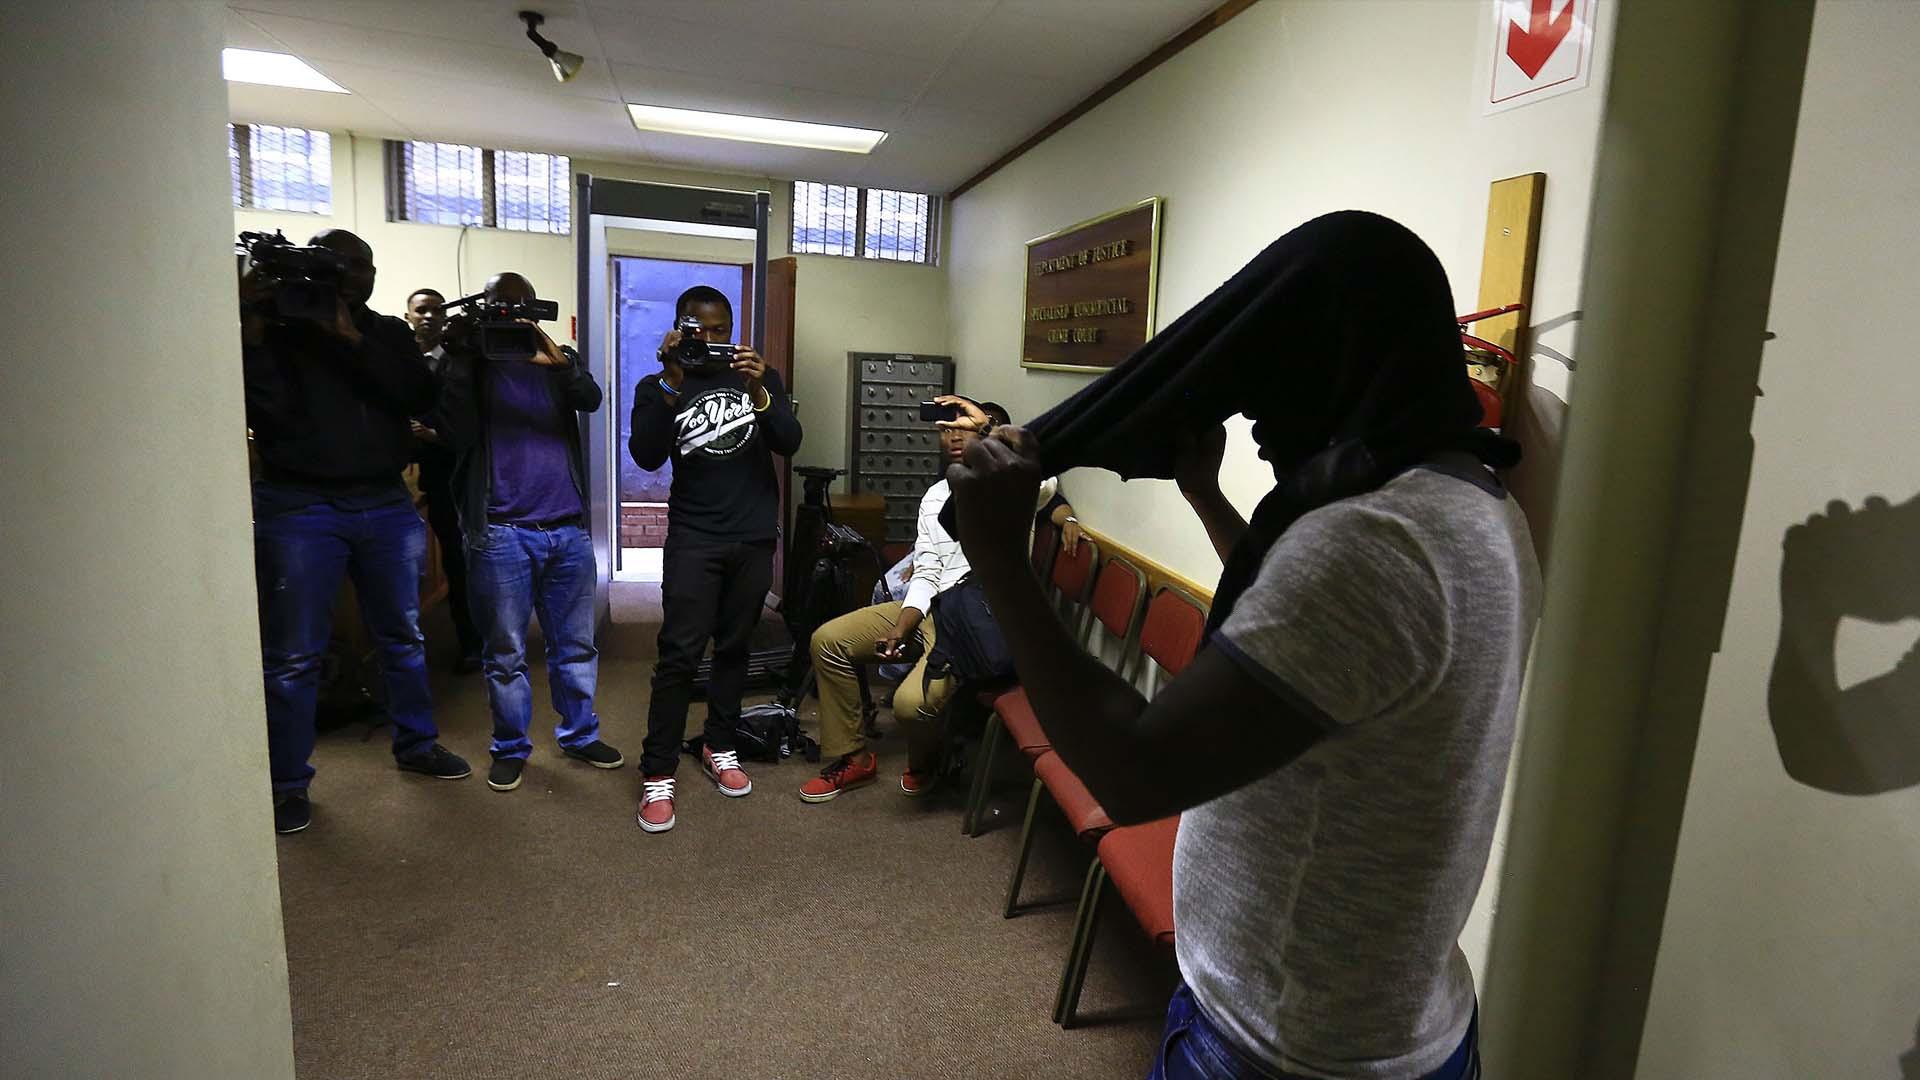 Tshifhiwa Radzhadzhi, de 30 años, intentó hacerse pasar por un alto cargo de la Fiscalía sudafricana